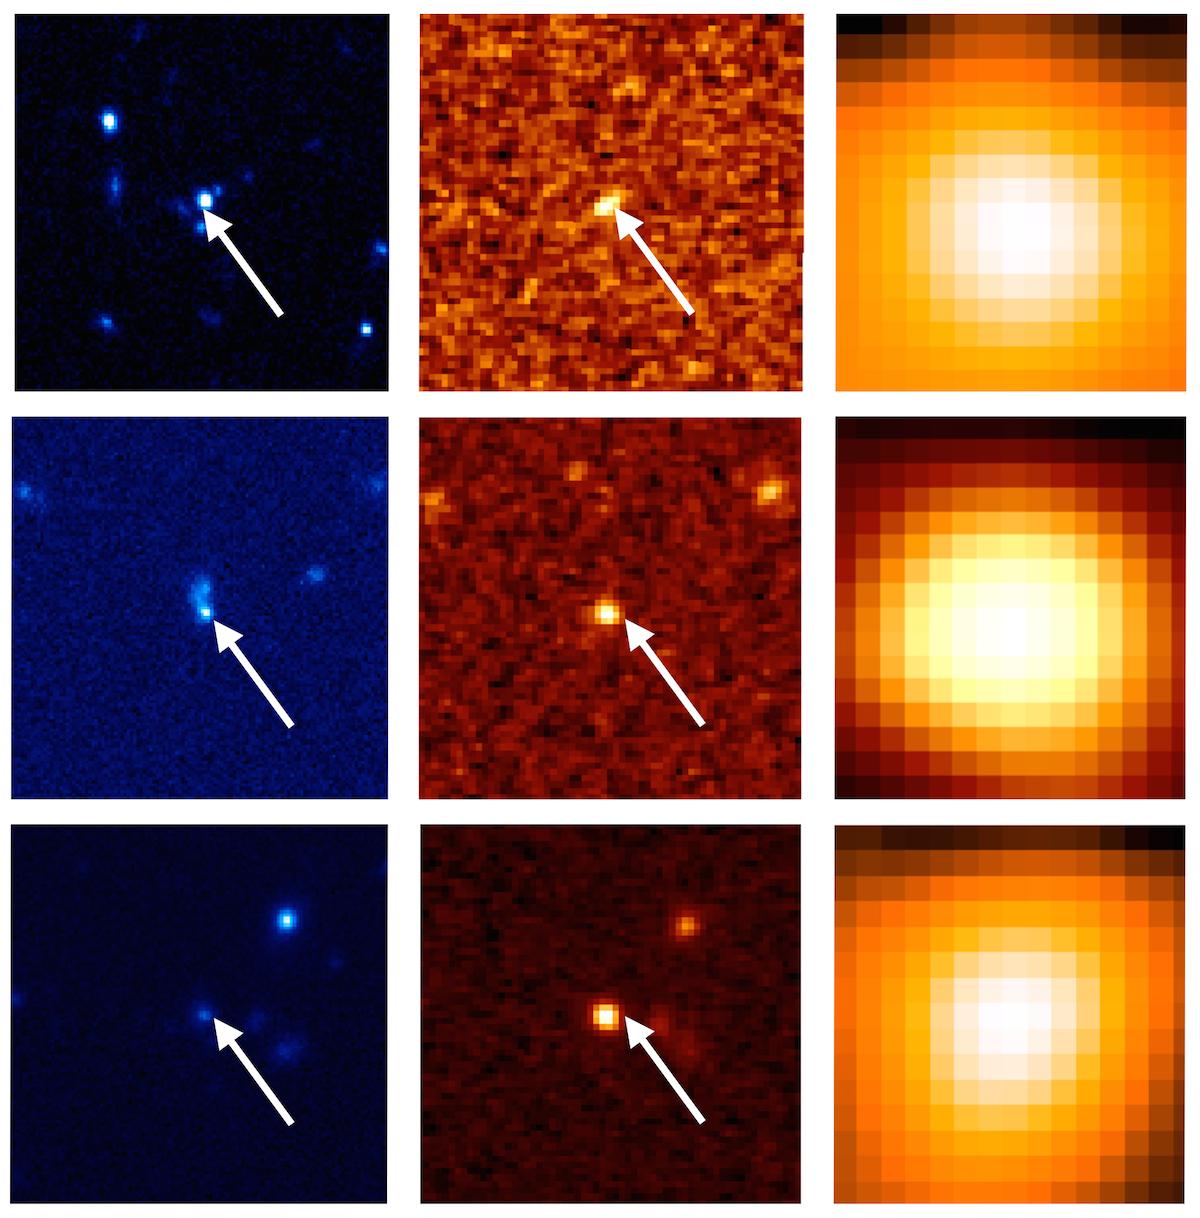 Astrónomos descubren 48 inusuales galaxias oscurecidas por polvo